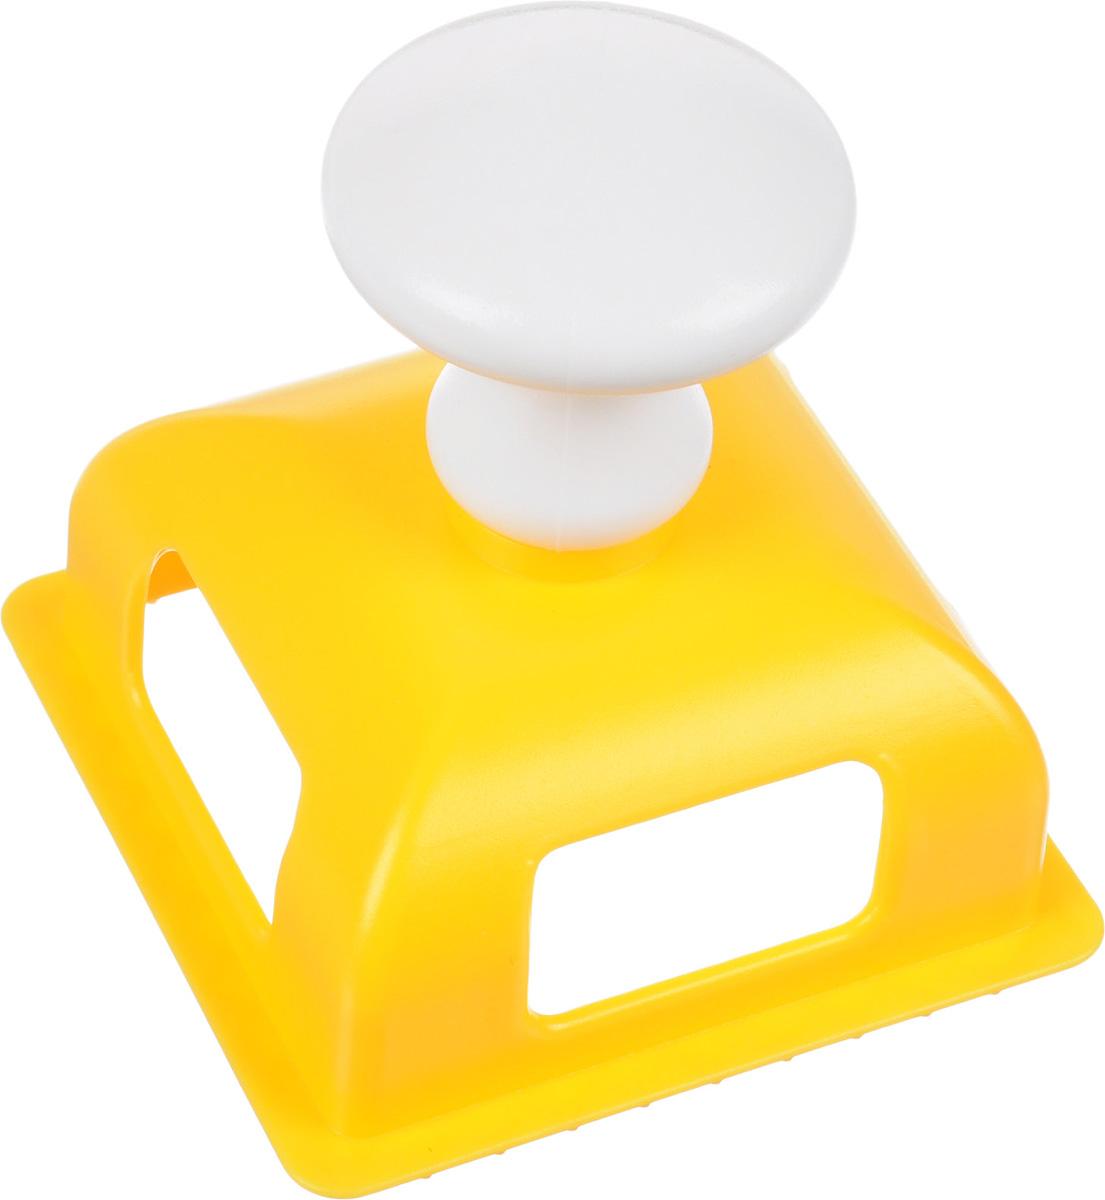 Форма для равиоли Мультидом Квадрат, цвет: желтый, белыйDH80-225_желтый, белыйФорма для равиоли Мультидом Квадрат, цвет: желтый, белый